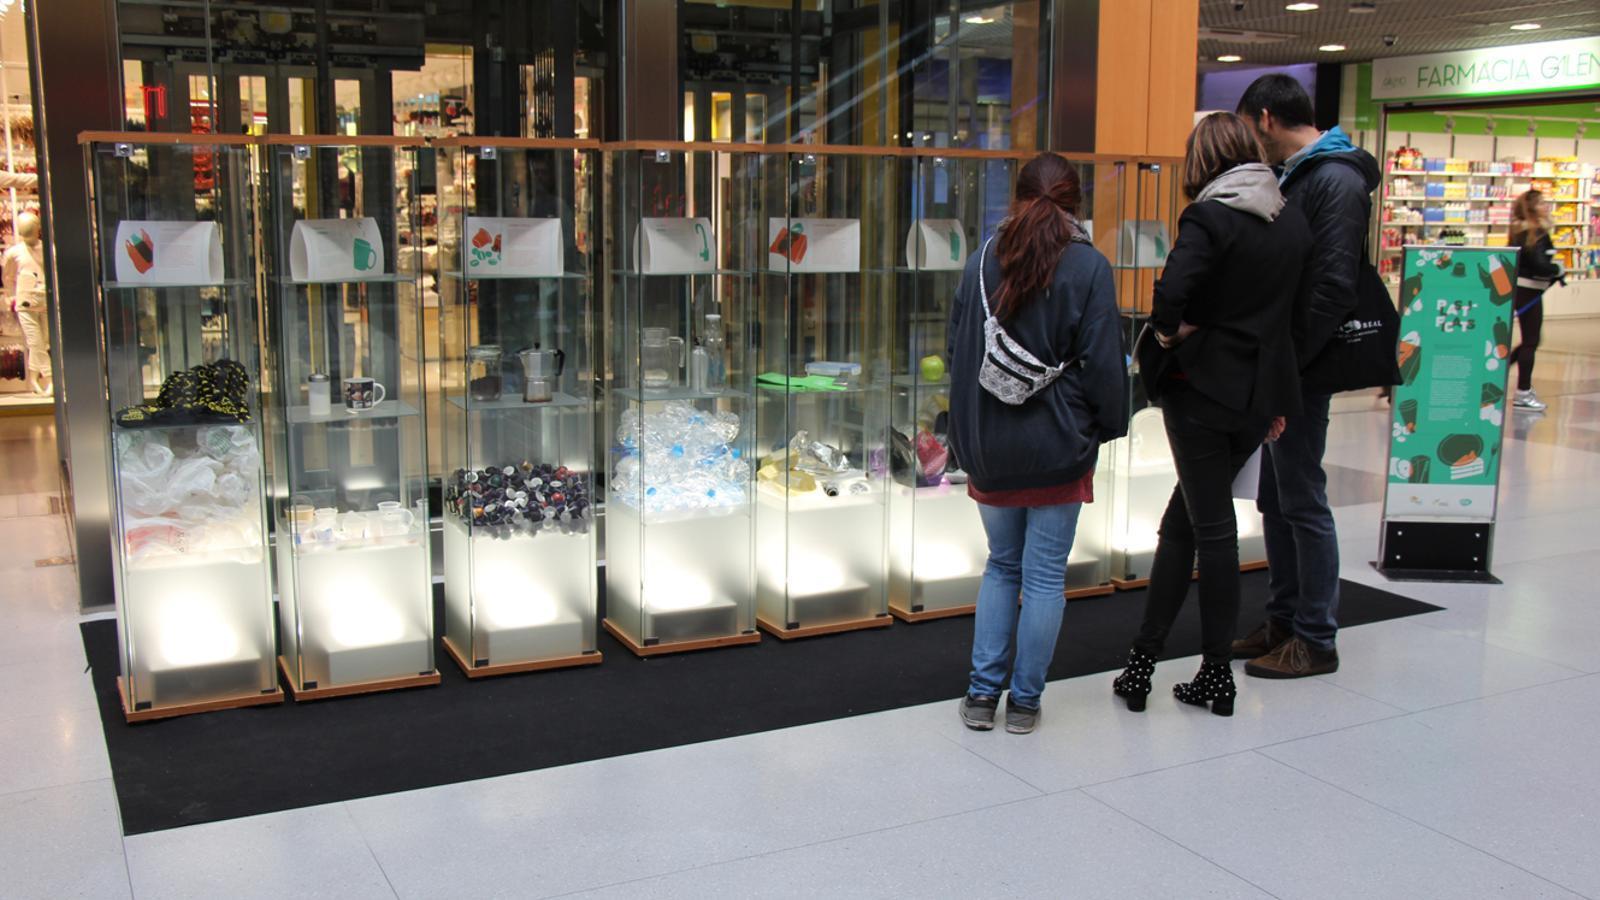 L'exposició 'Plastificats', al vestíbul de la planta planta baixa del centre comercial illa Carlemany. / L. M. (ANA)